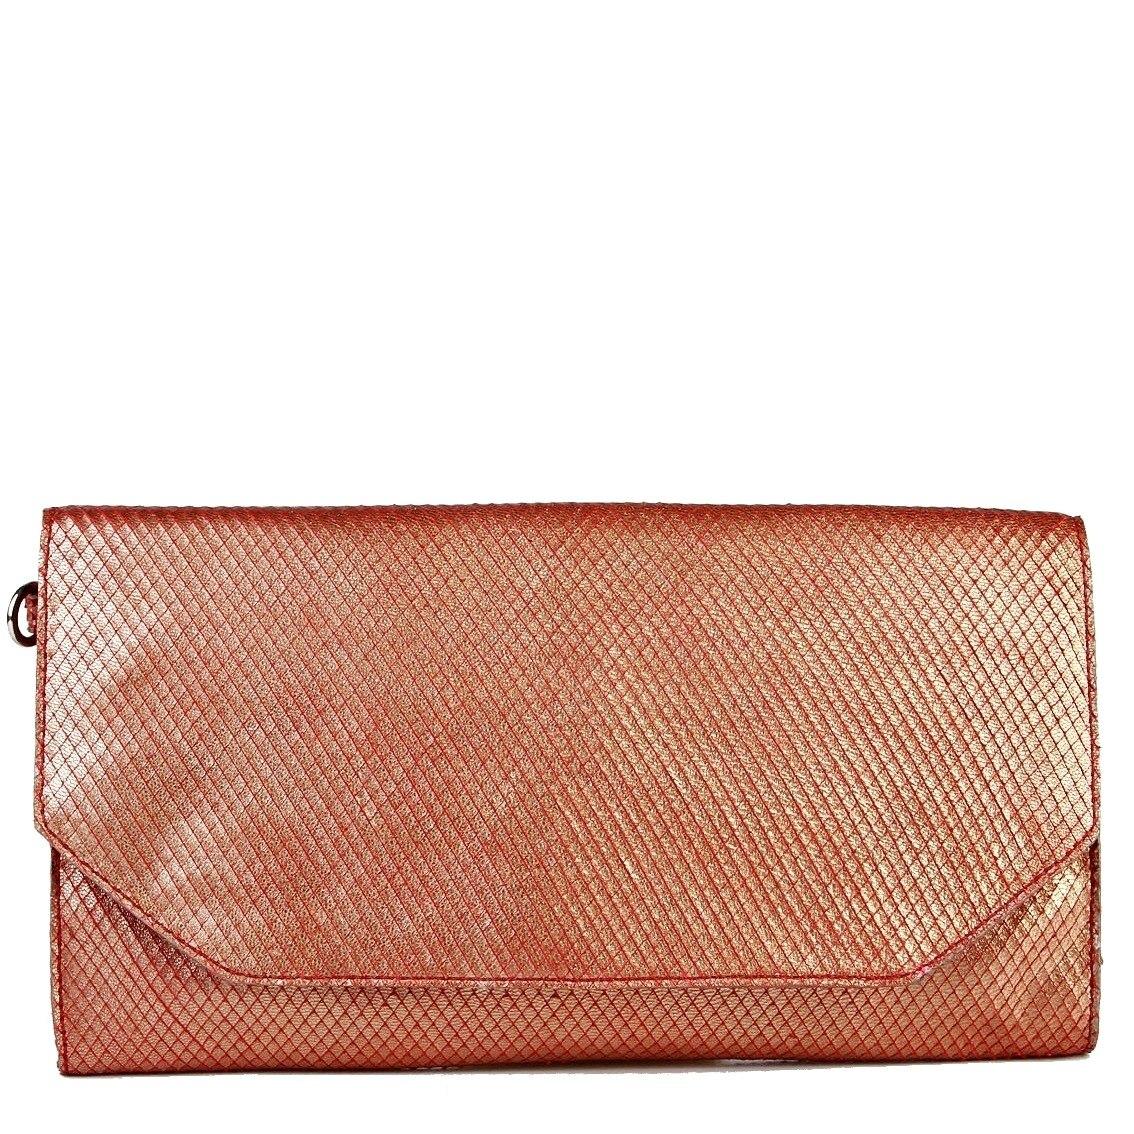 4e25ec3ed9 bolsa arezzo feminina couro legitimo original clutch cobre. Carregando zoom.